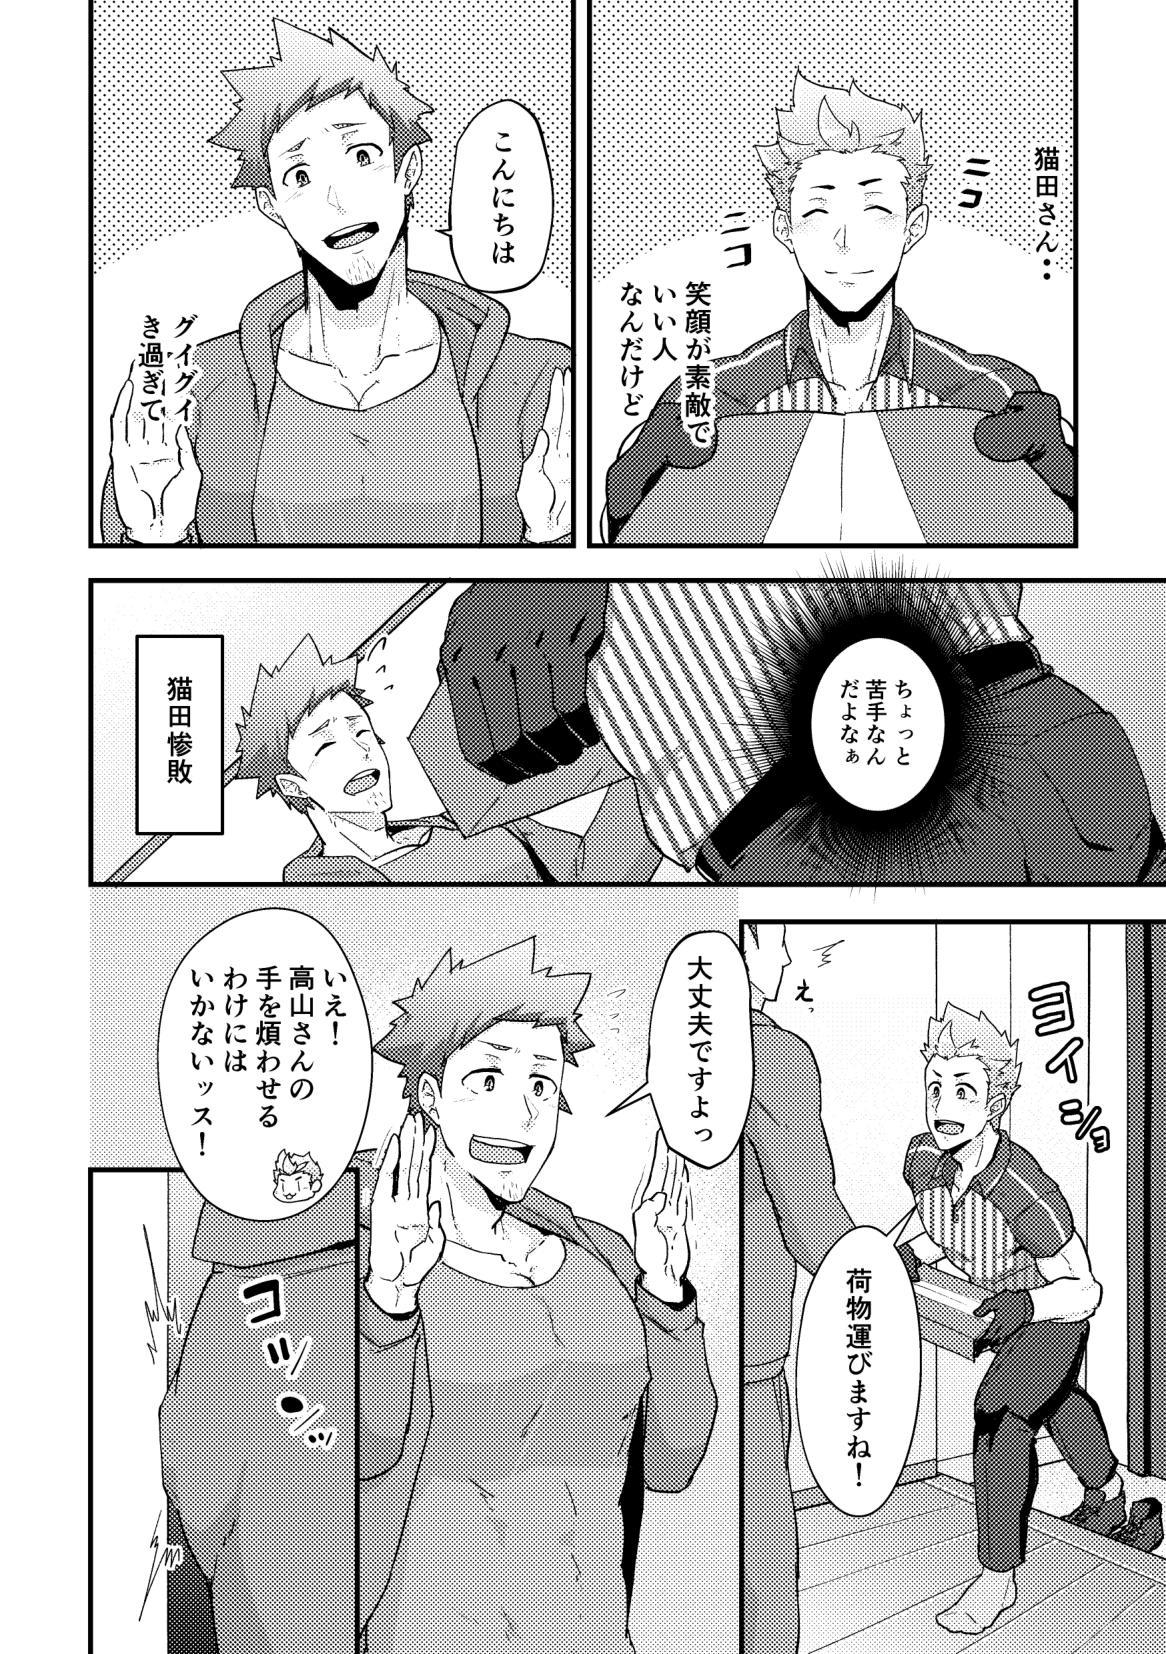 Haruyasumi no Homo 11